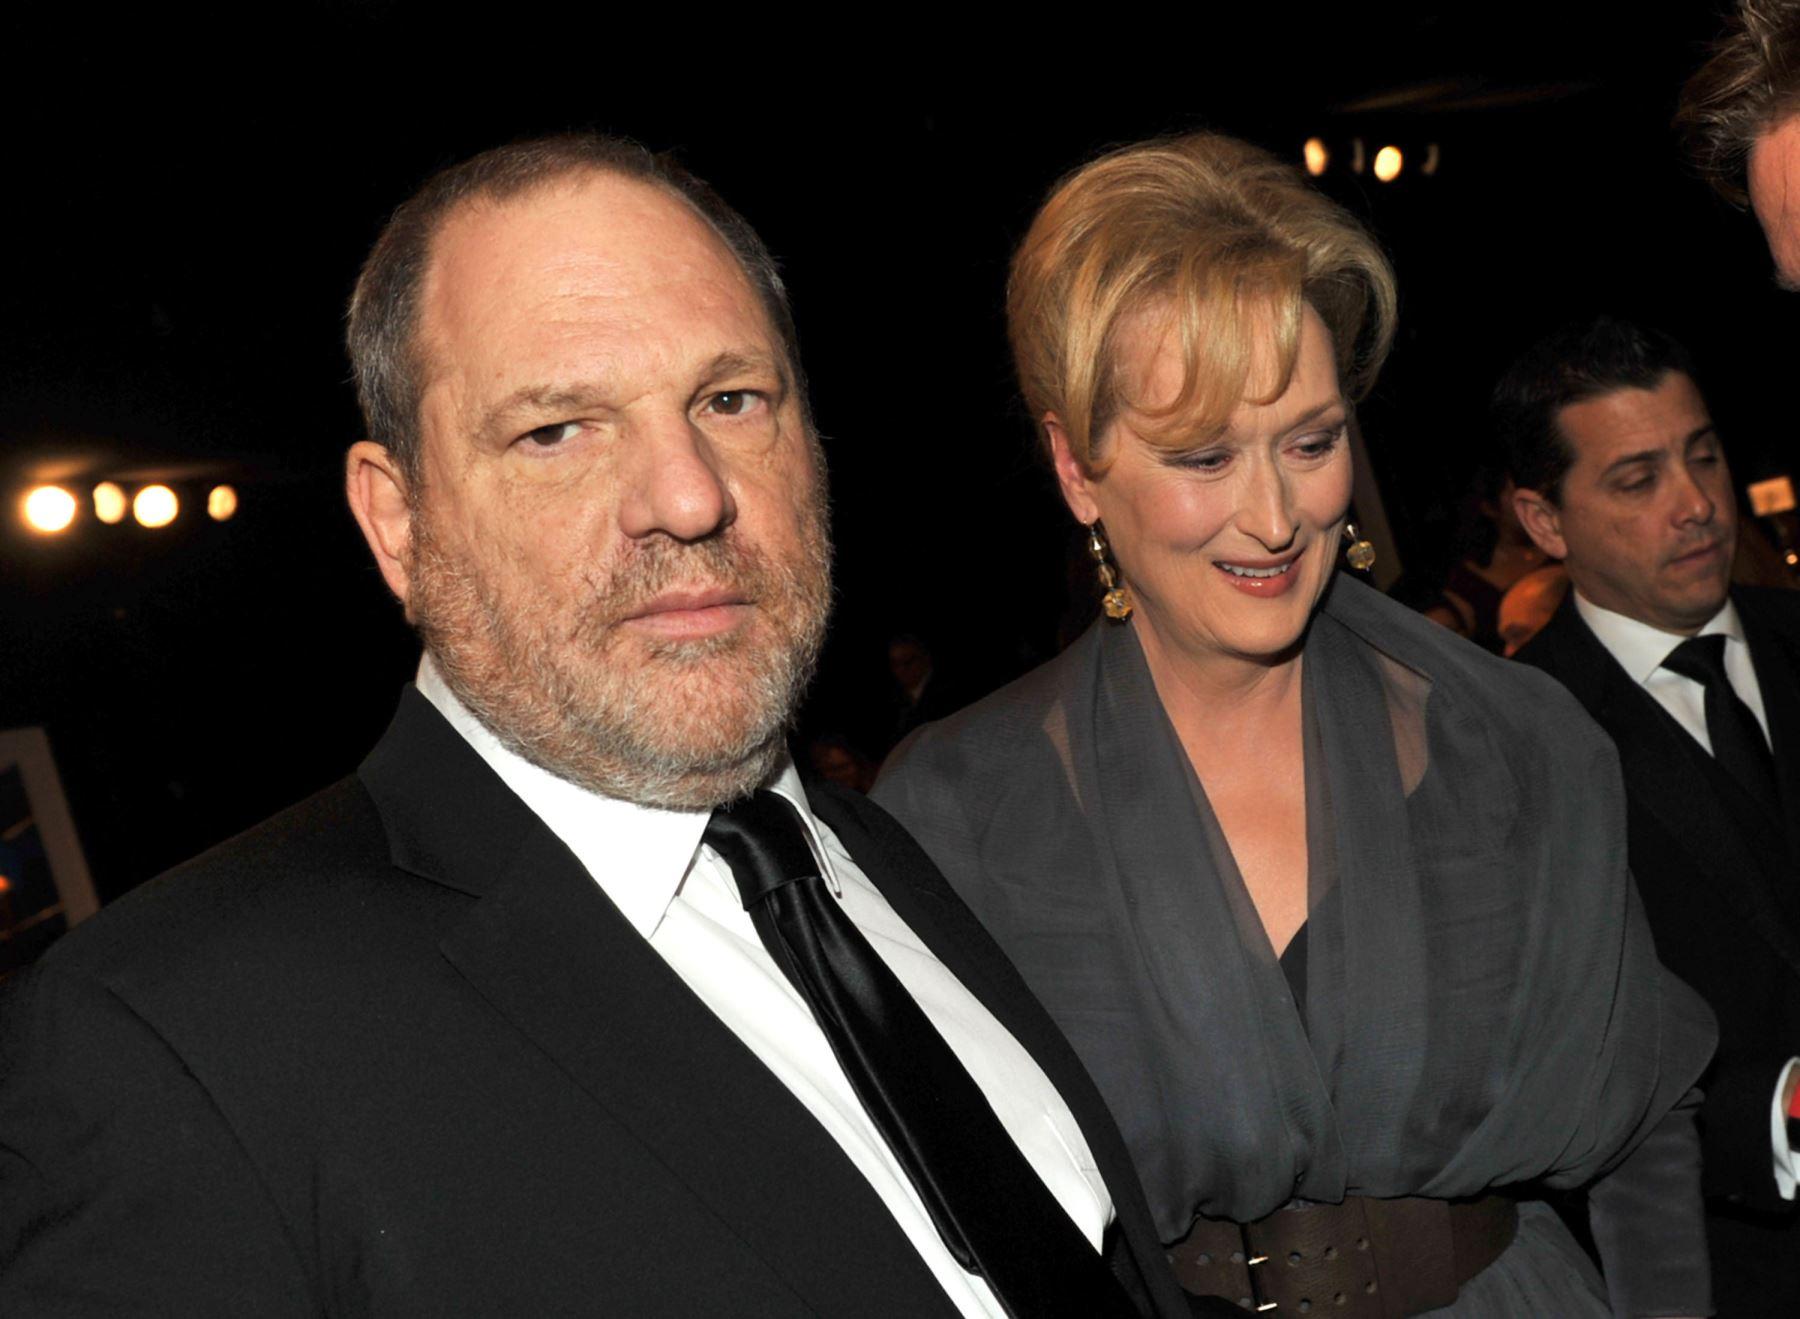 El productor Harvey Weinstein y la actriz Meryl Streep en el auditorio Shrine. Foto: AFP